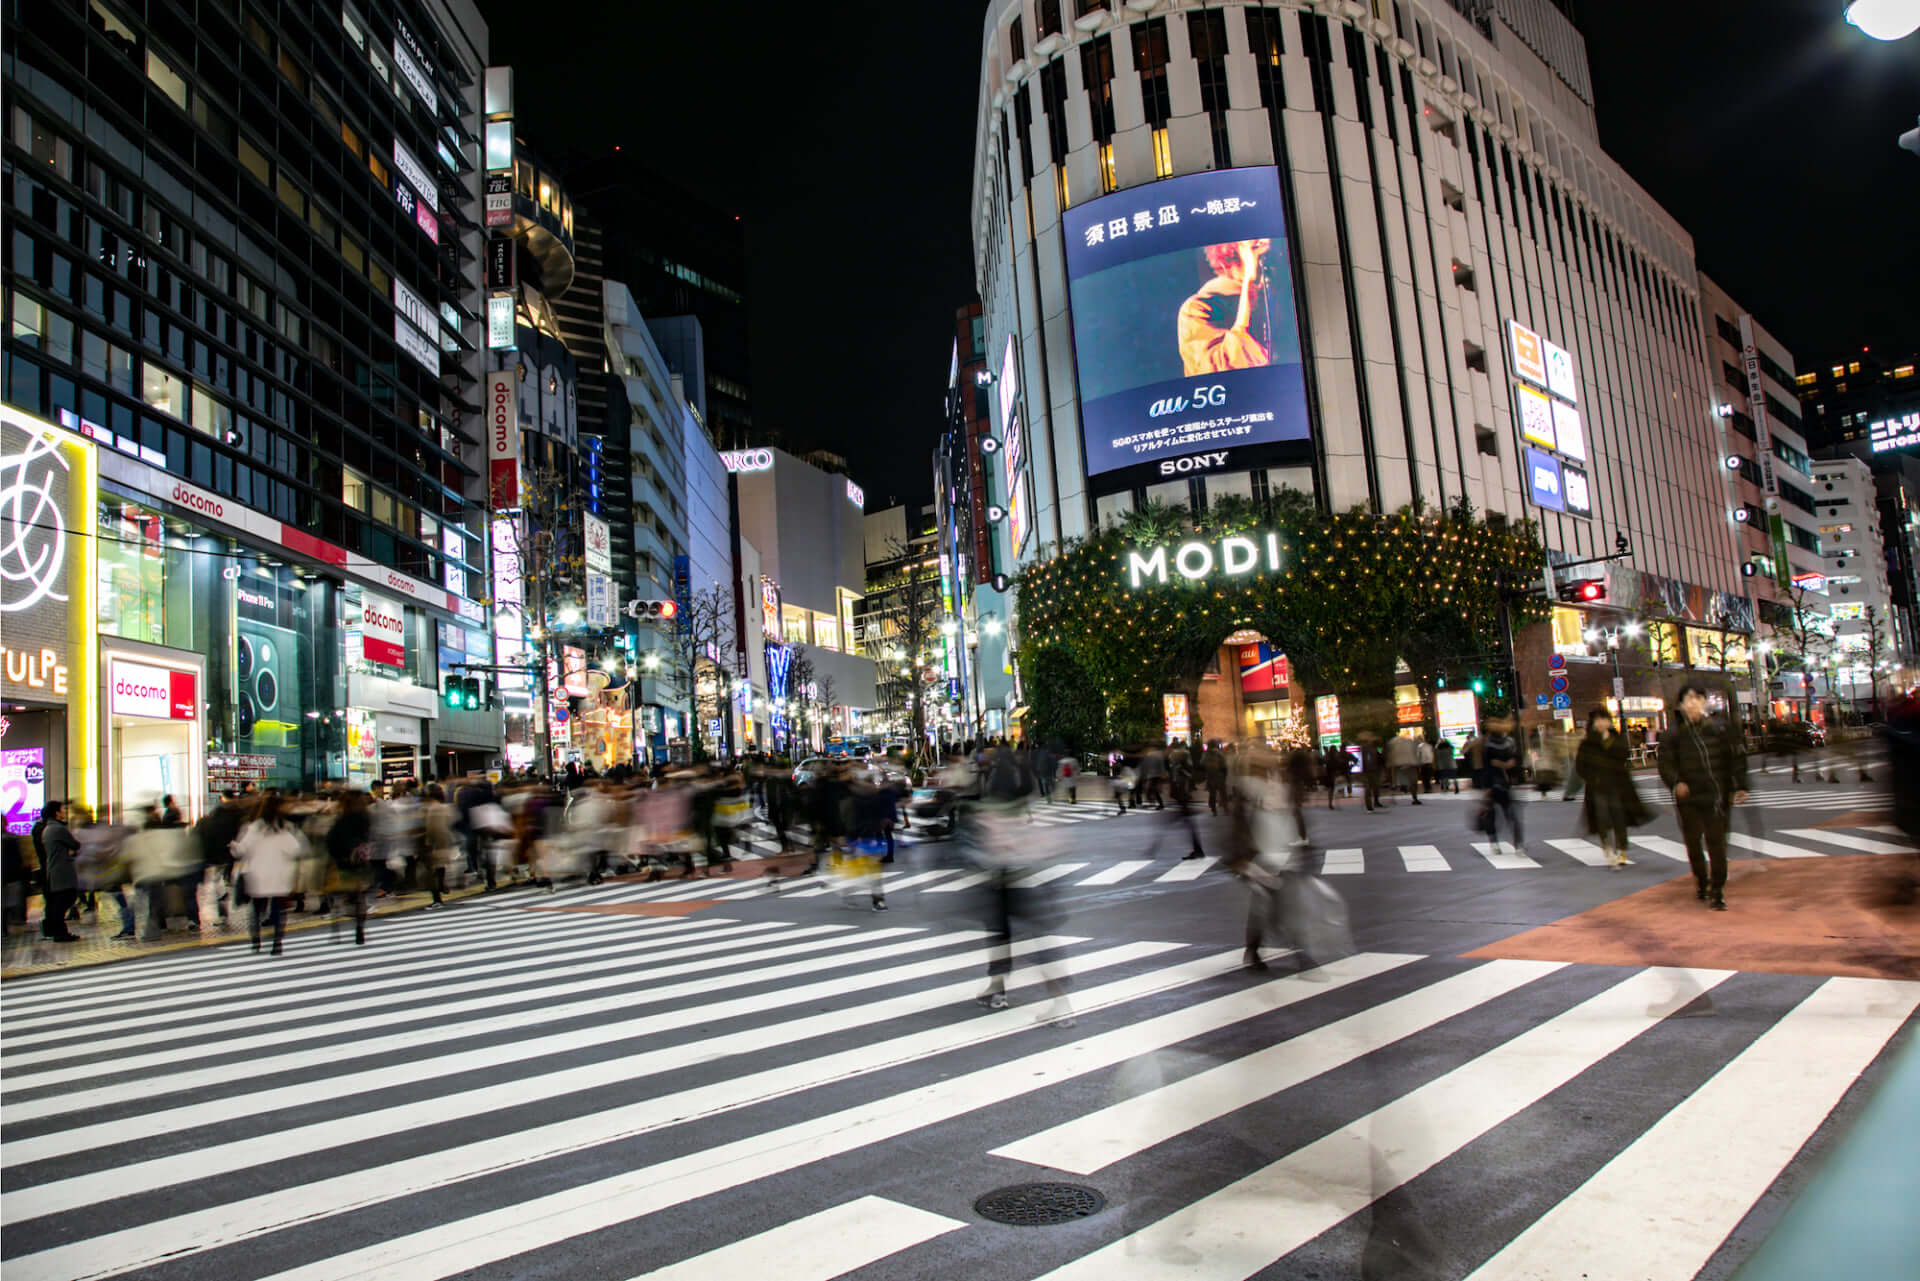 渋谷が5G×エンタメで盛り上がる!「渋谷5Gエンターテイメントプロジェクト」始動|キックオフパーティーにダレン・エマーソン、Licaxxxら登場 music200128_5g_1140-1920x1281